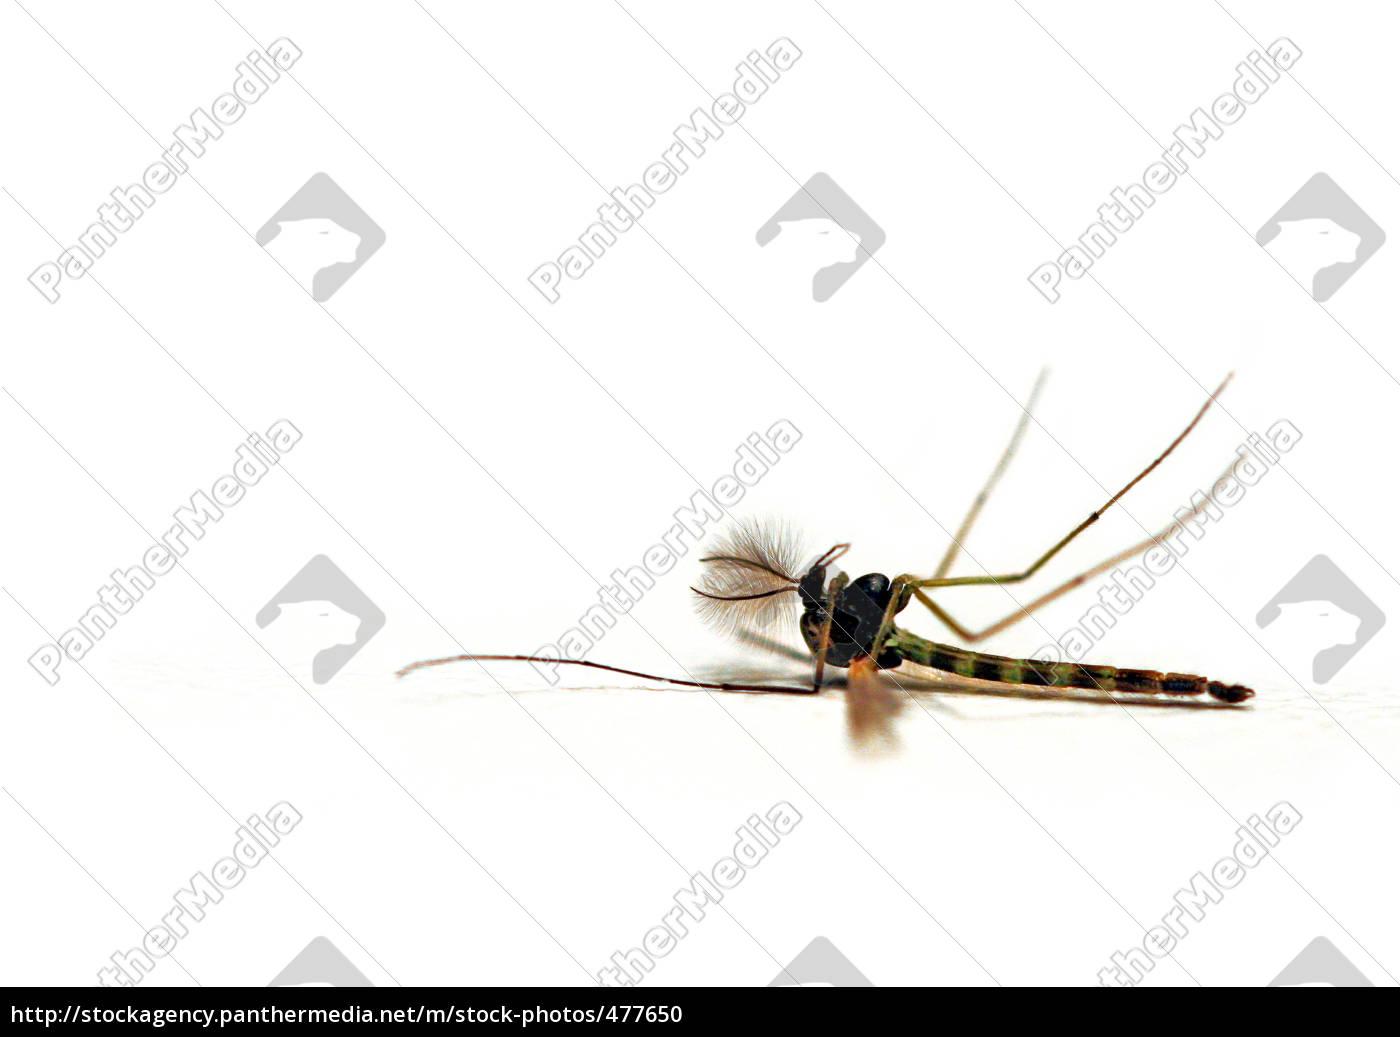 mosquito - 477650